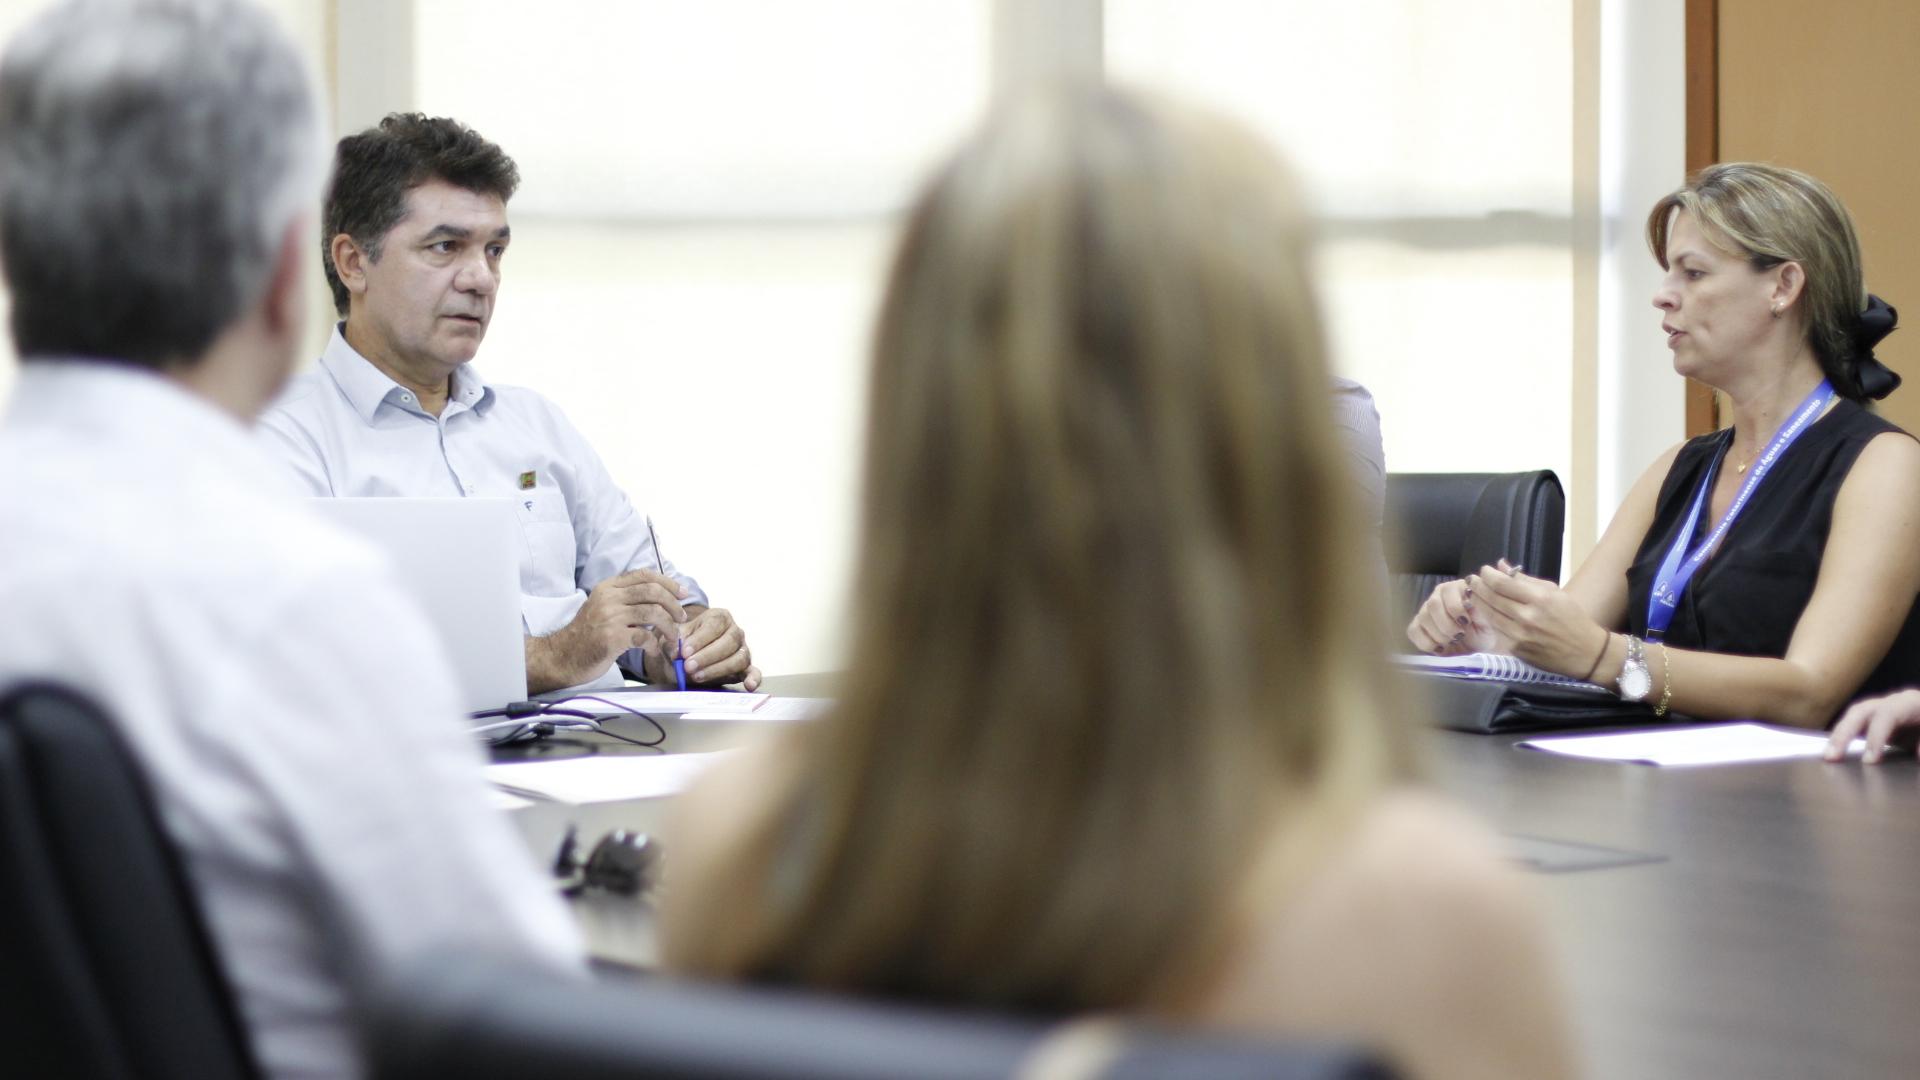 Prefeitura Municipal de Criciúma - Salvaro recebe futura presidente da Casan e reivindica redução do valor cobrado pela taxa de esgoto em Criciúma